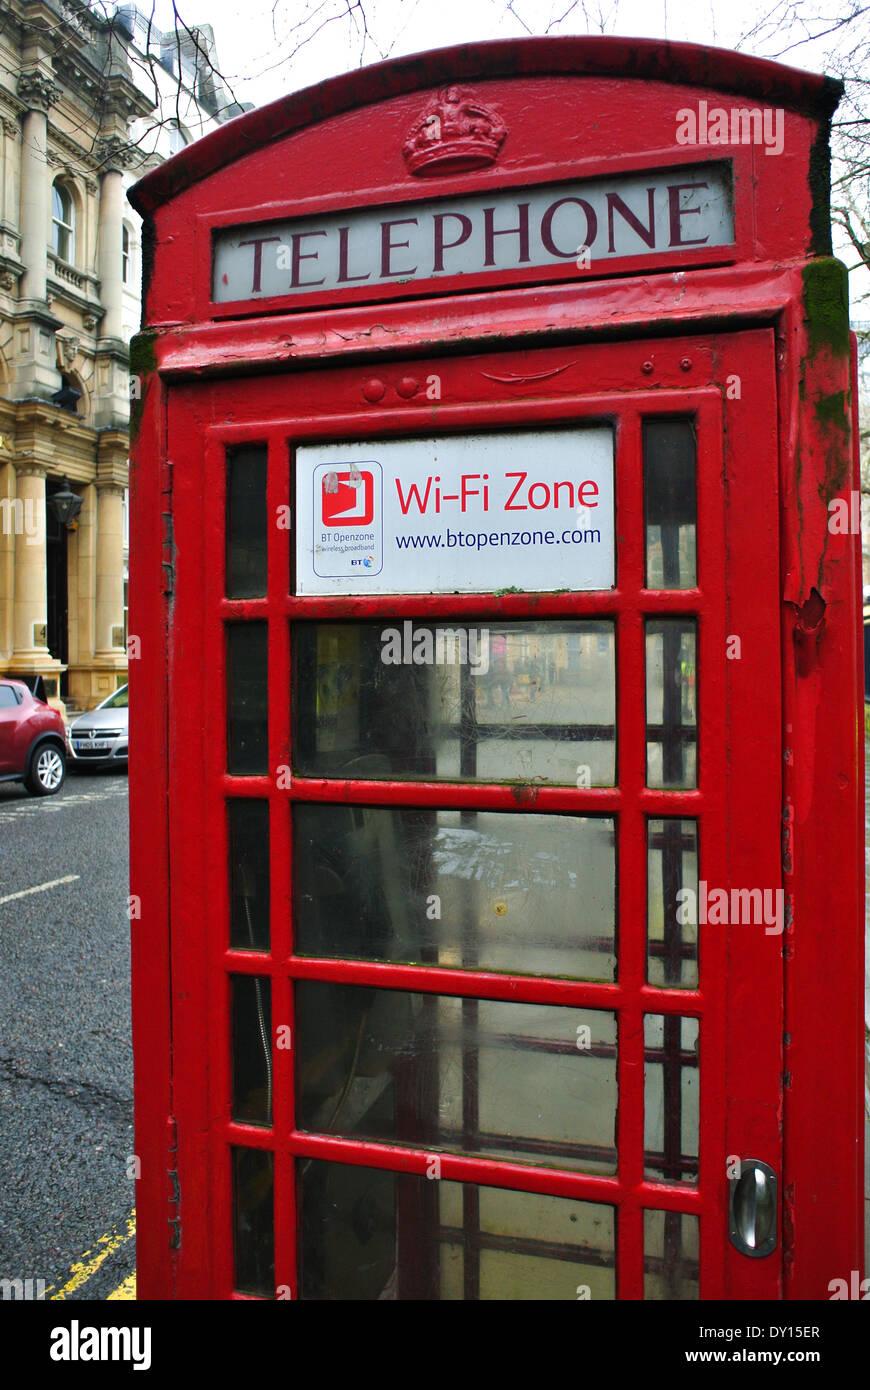 Telephone box wi-fi Zone www.btopenzone.com - Stock Image